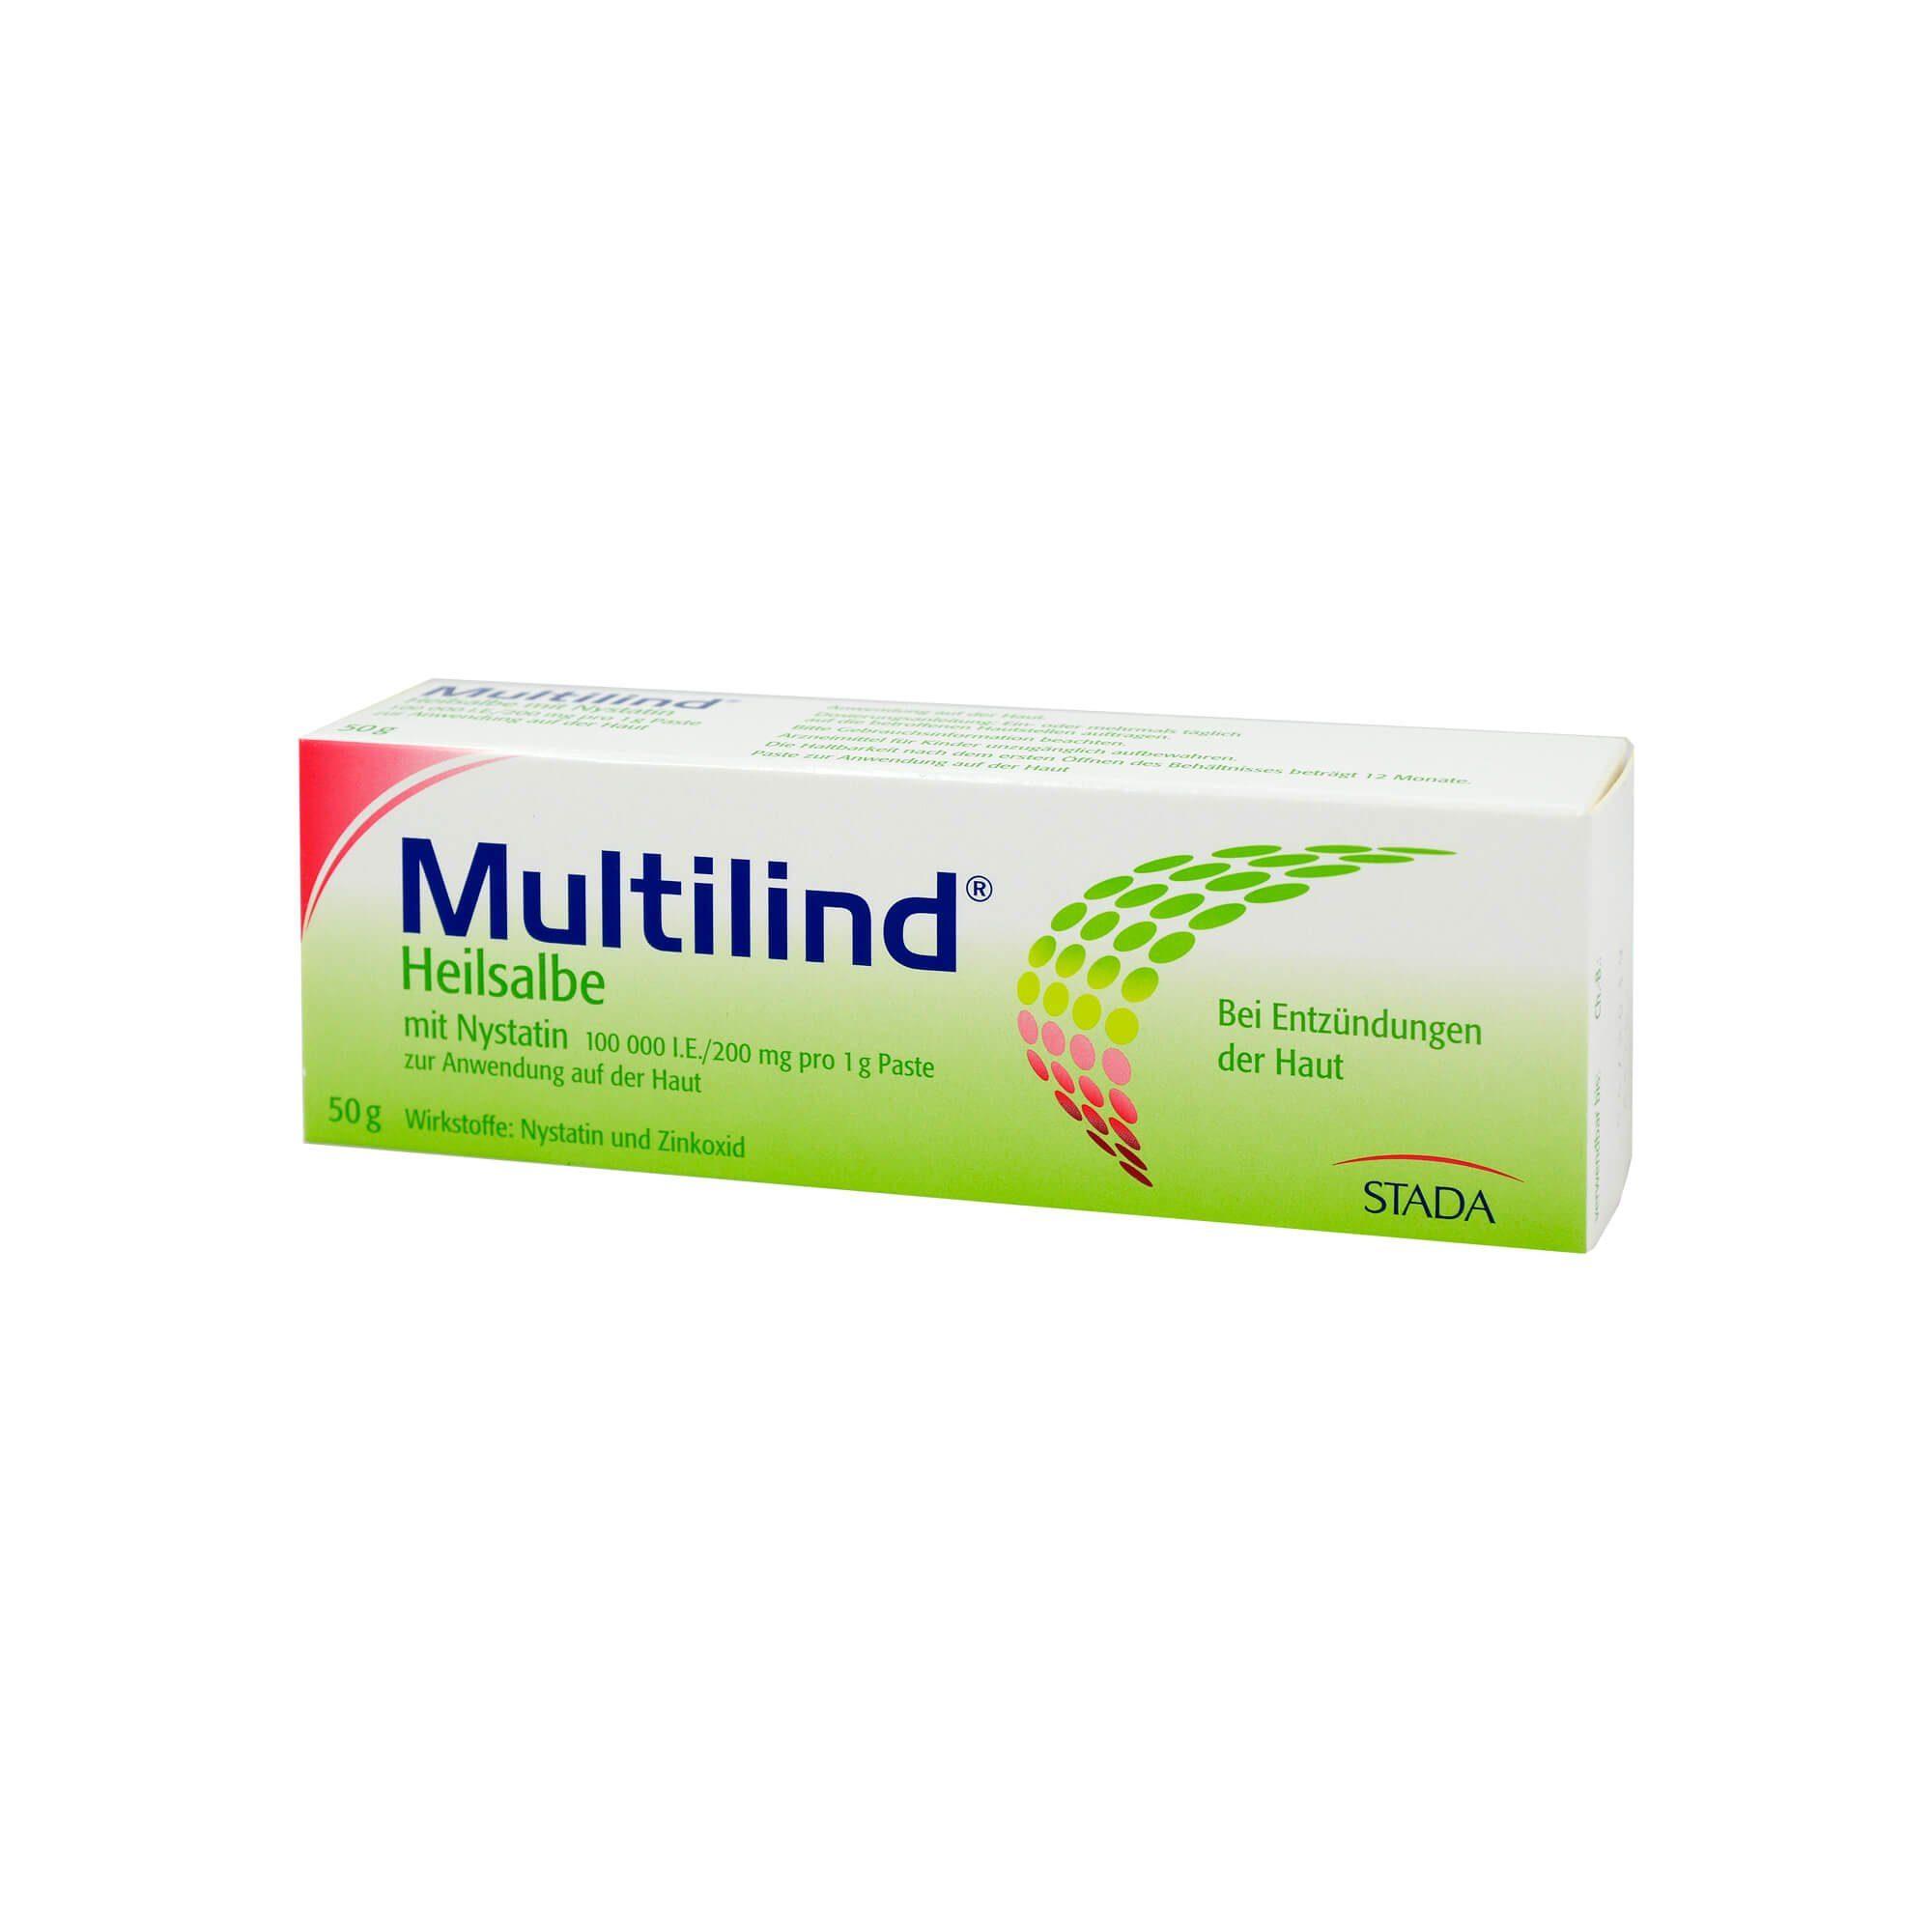 Multilind Heilsalbe mit Nystatin und Zinkoxid, 50 g